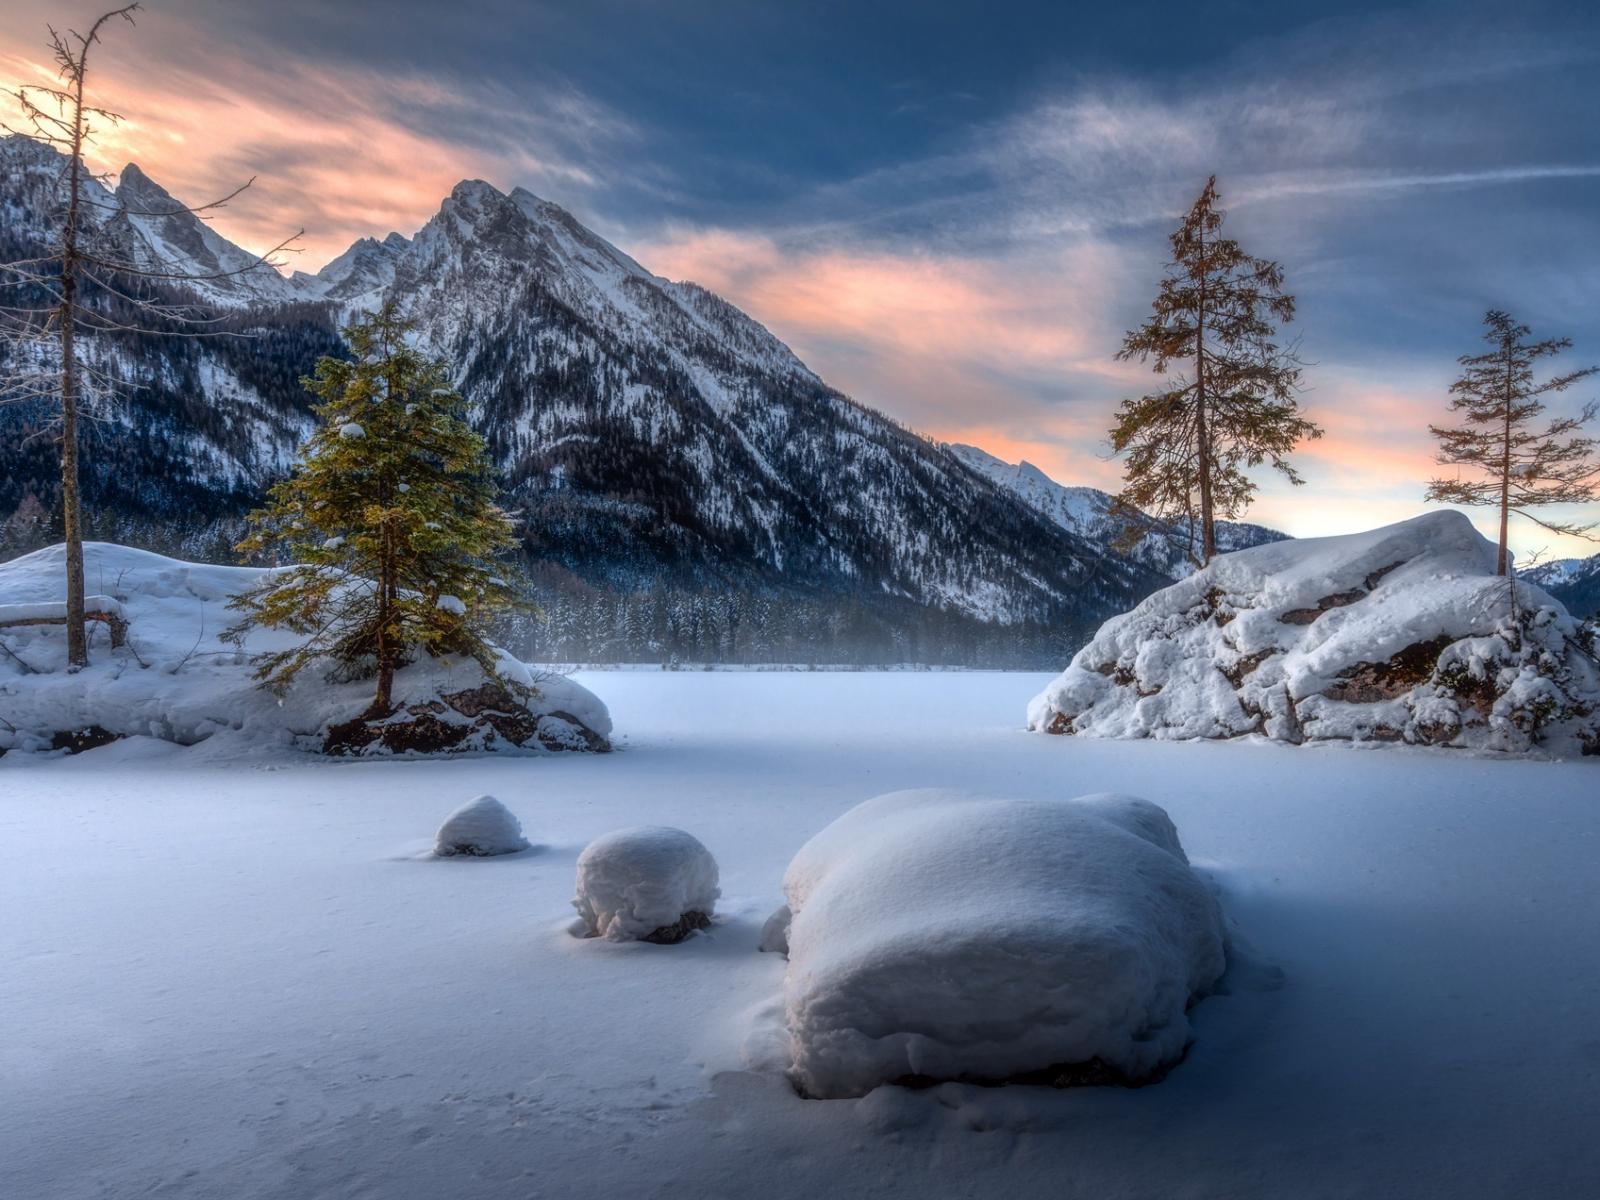 Landscape, mountains, winter, sunset, 1600x1200 wallpaper